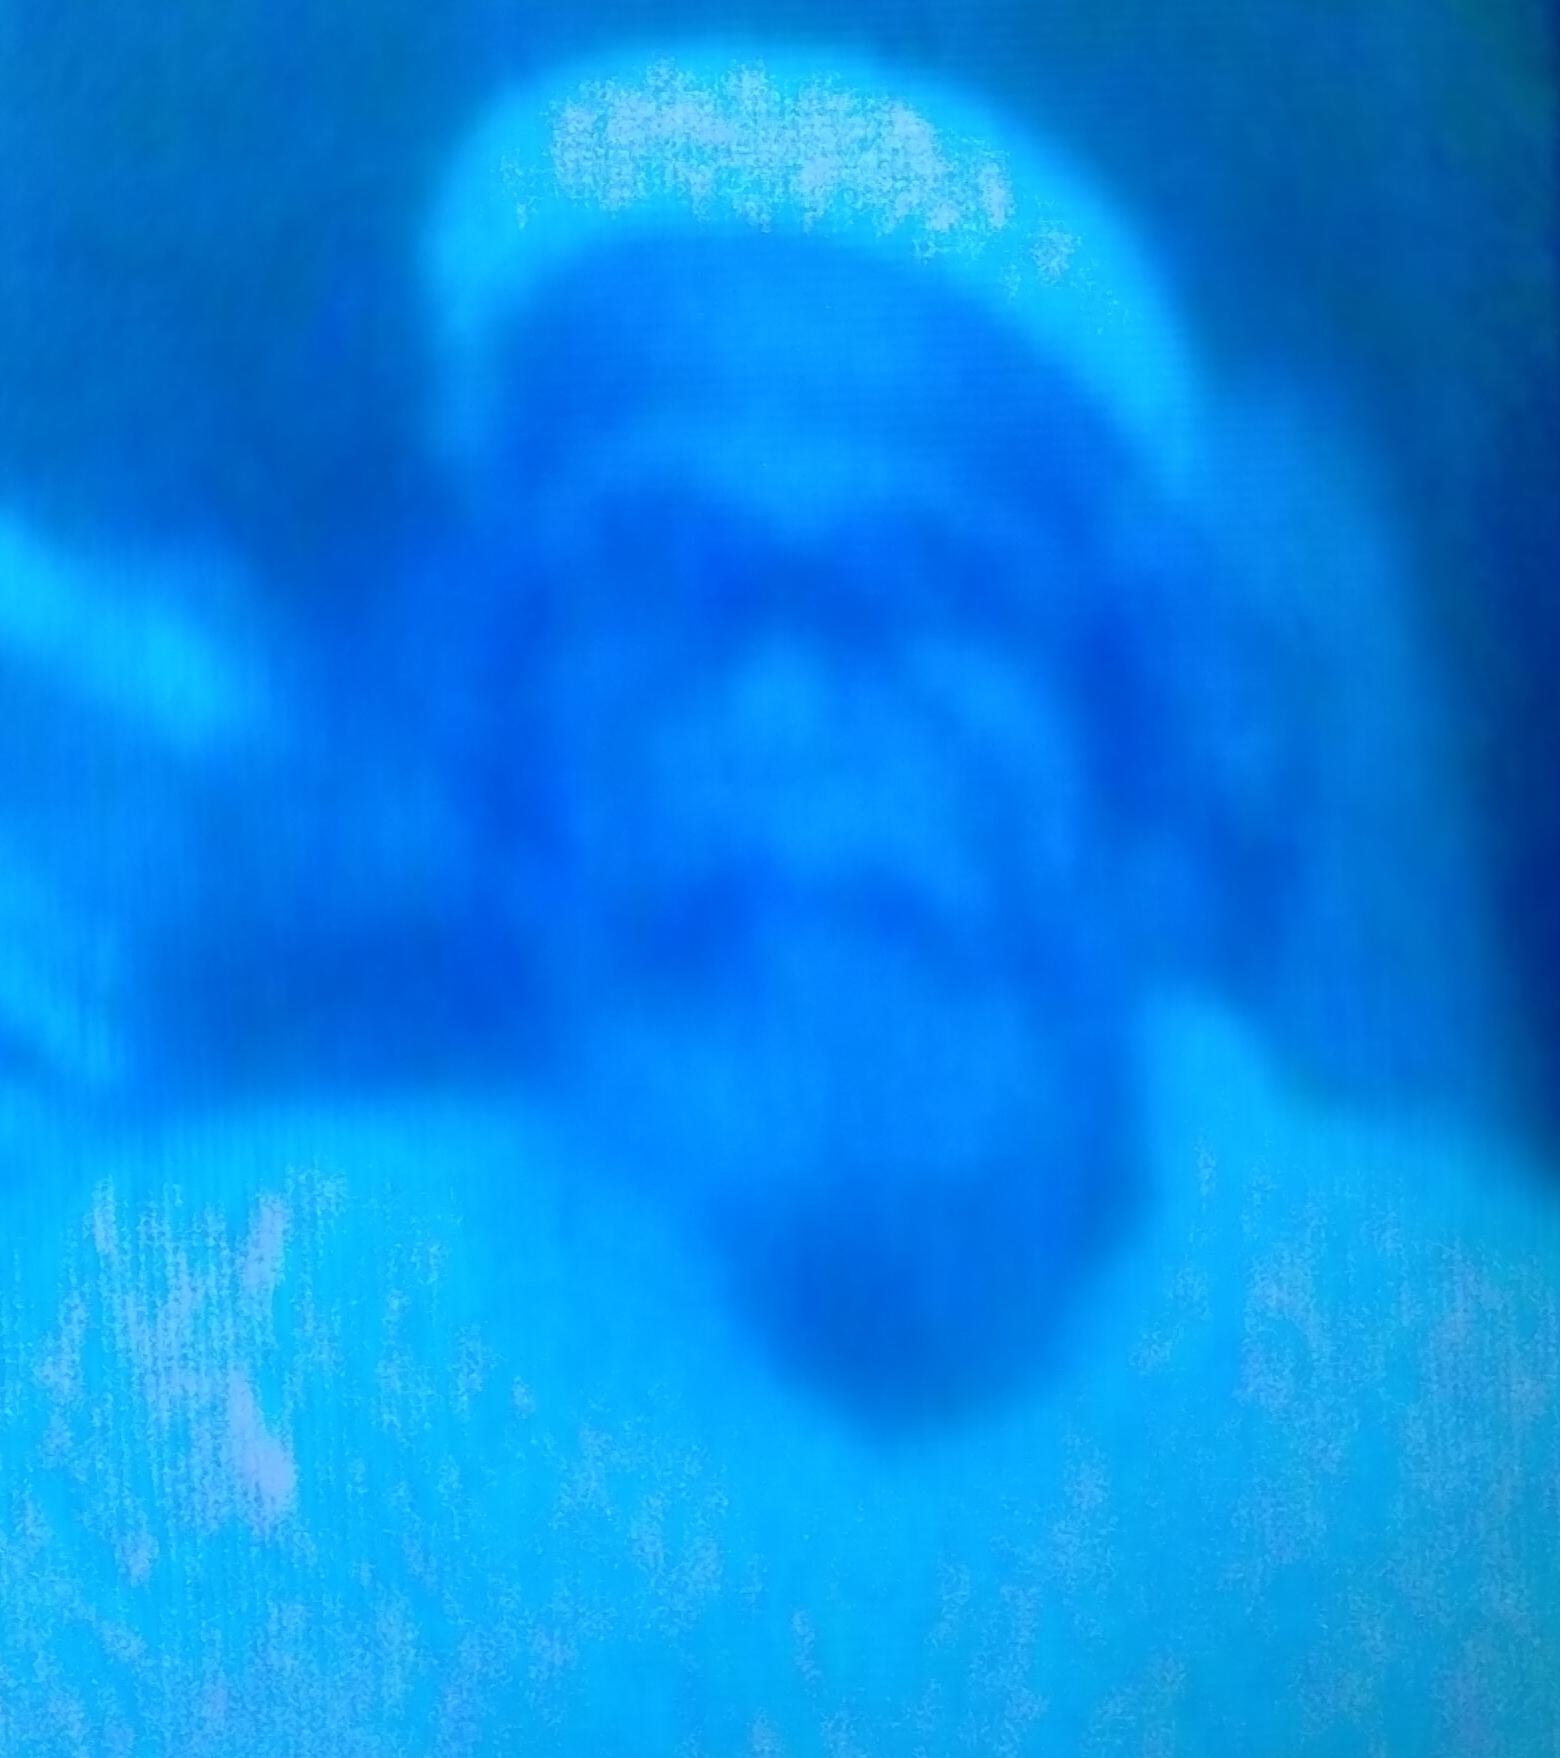 আগামীকাল মঠবাড়িয়ায় শাহ সুফি আঃ ওয়াহেদ দরবেশের ওফাত দিবসে মাহফিল